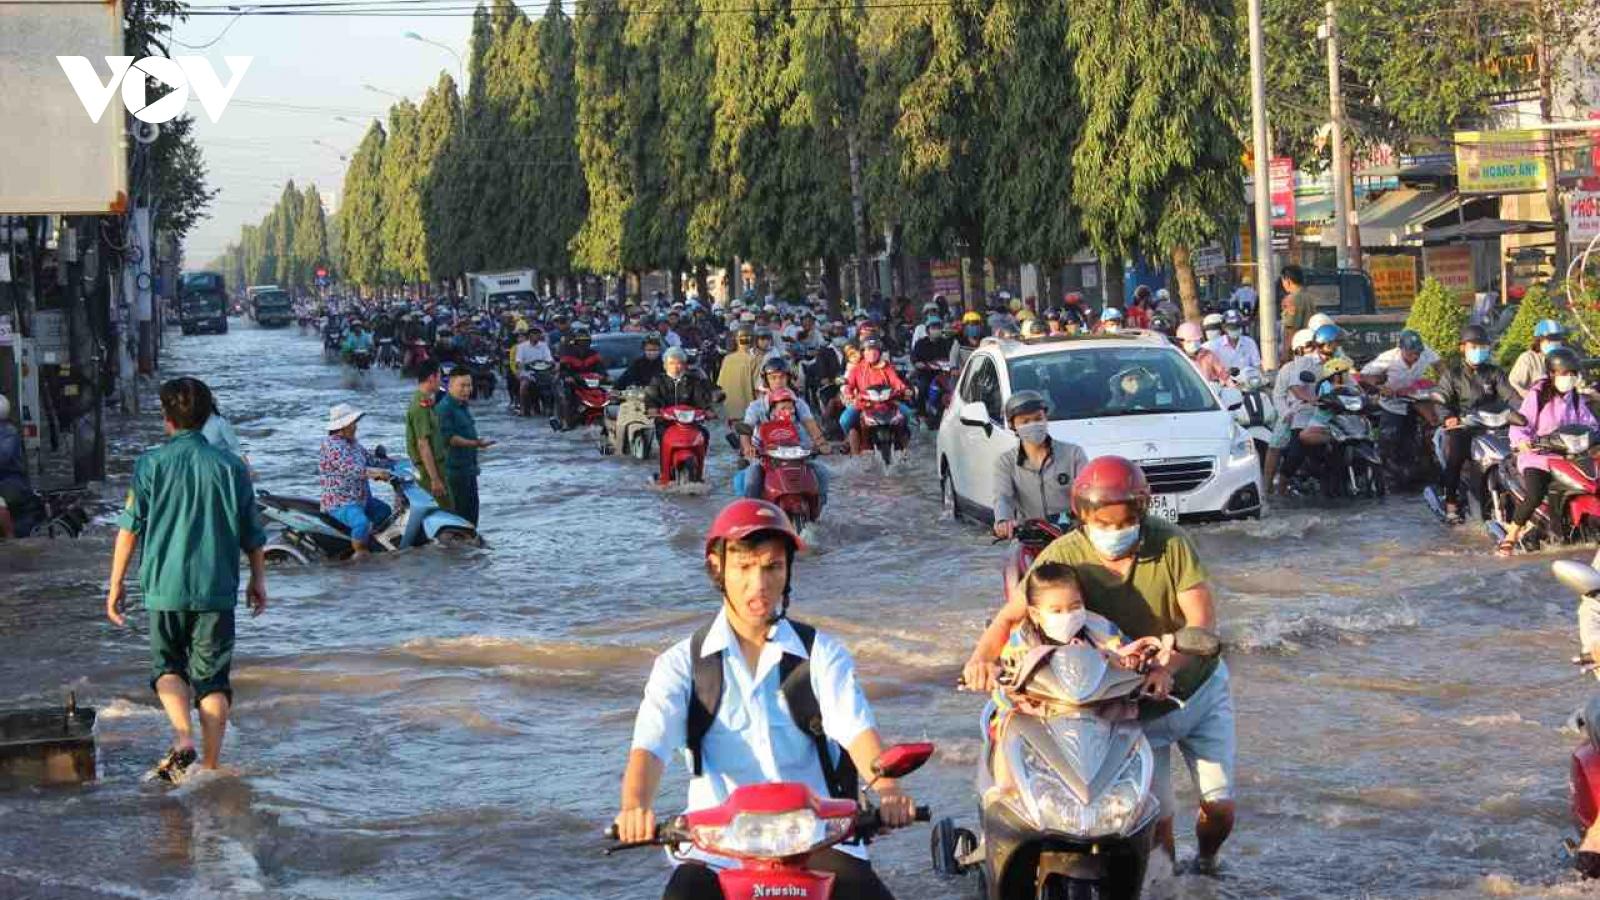 Ảnh: Triều cường vượt báo động 3 người dân Cần Thơ chật vật trên các tuyến đường